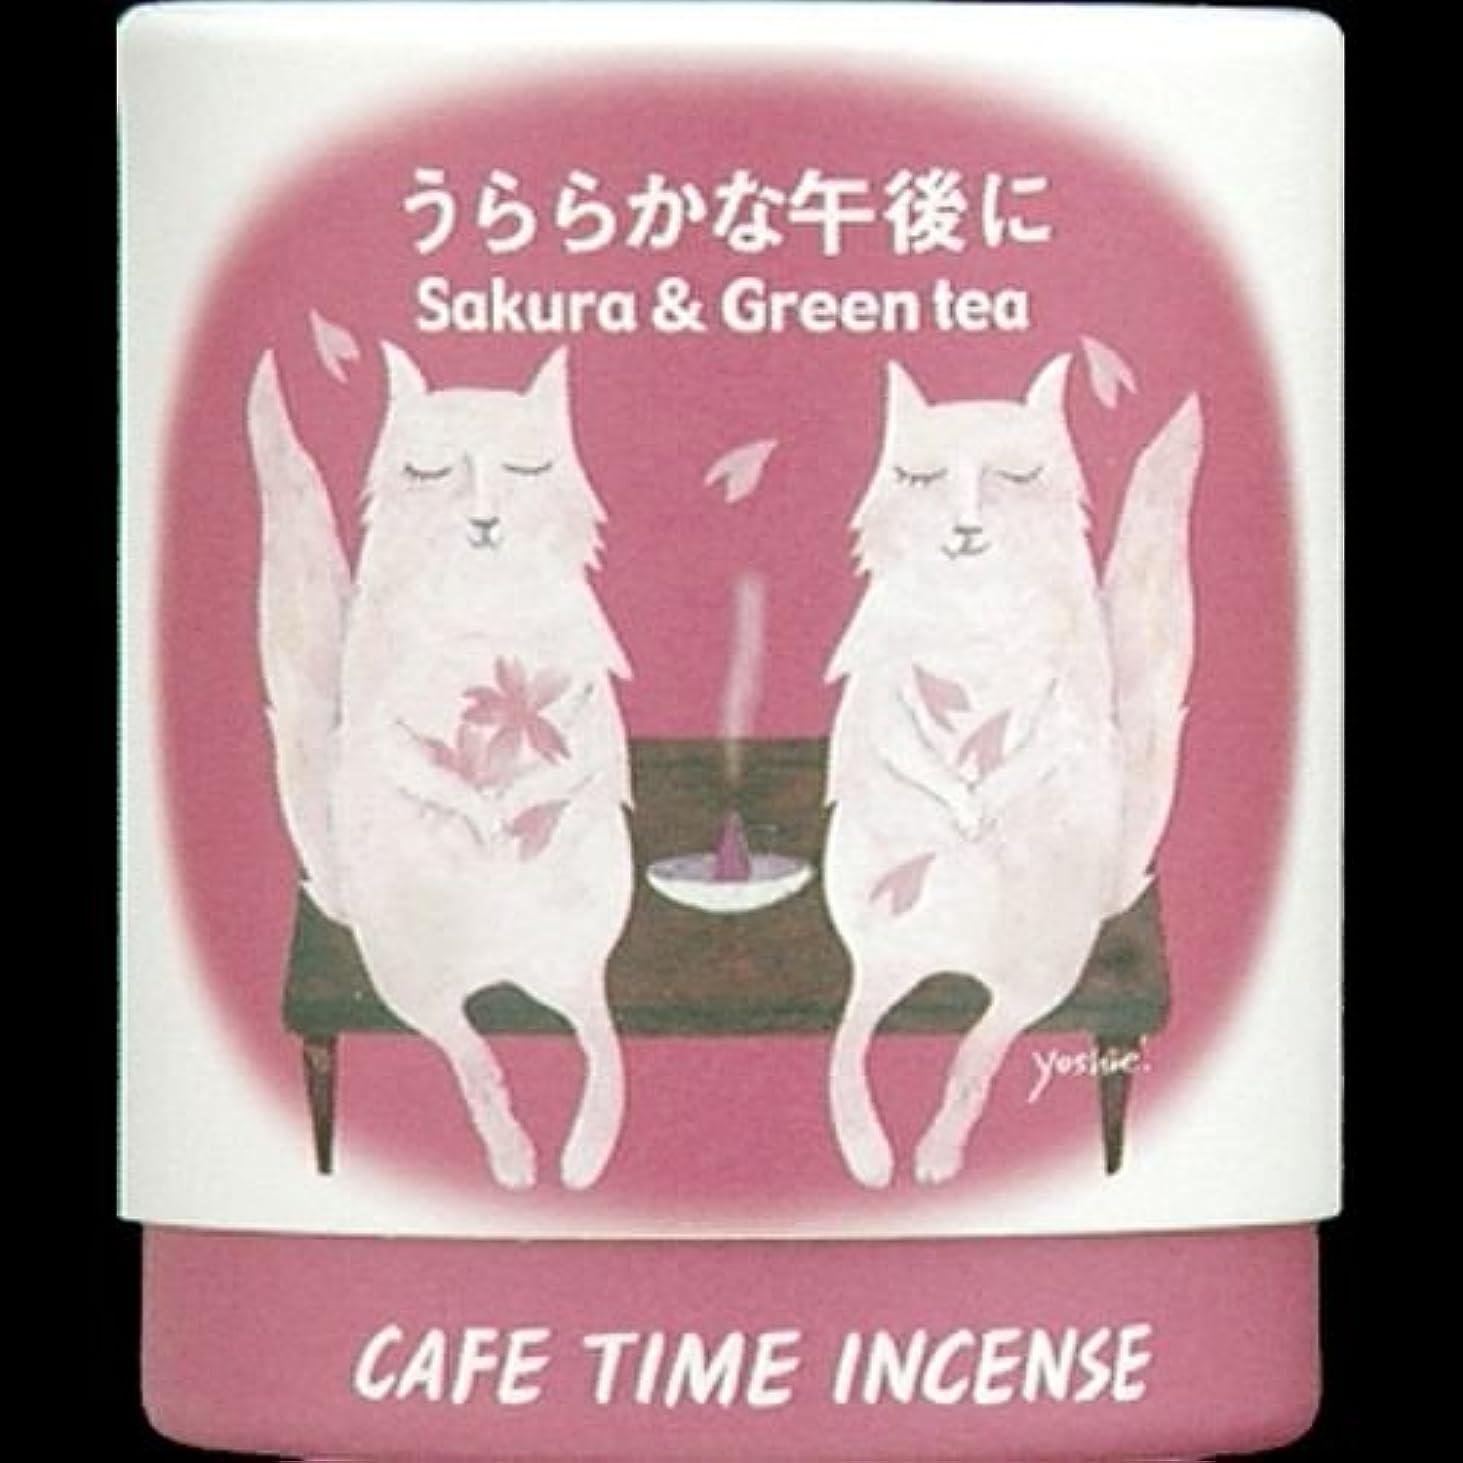 切るキャッチ五【まとめ買い】カフェタイム インセンス うららかな午後に コーン10個入 ×2セット